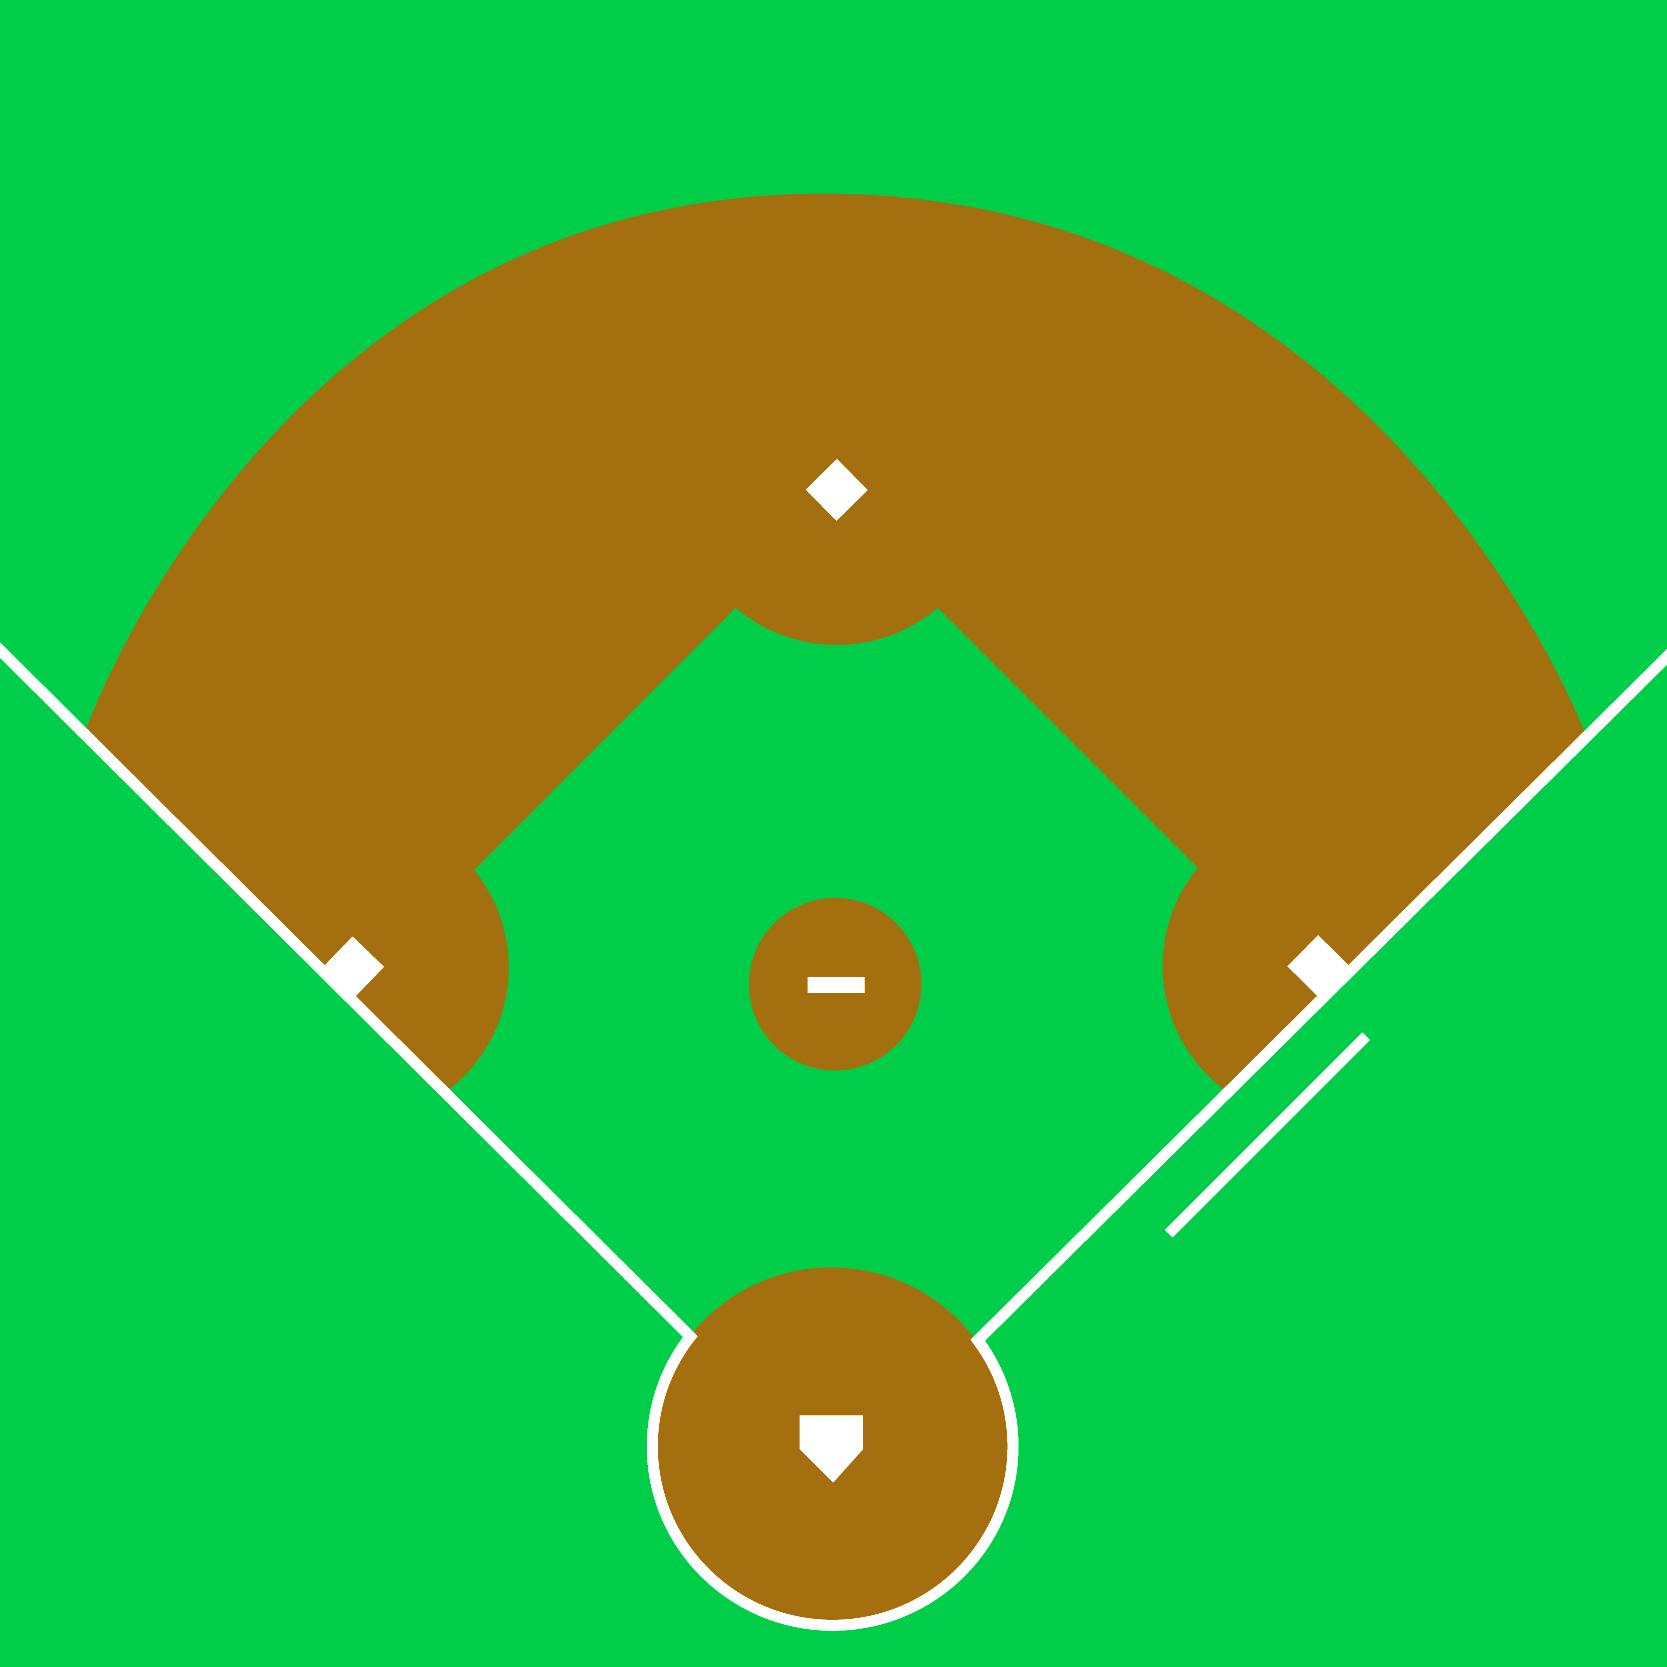 1667x1667 Drawing Of Baseball Field Black And White Baseball Diamond Free